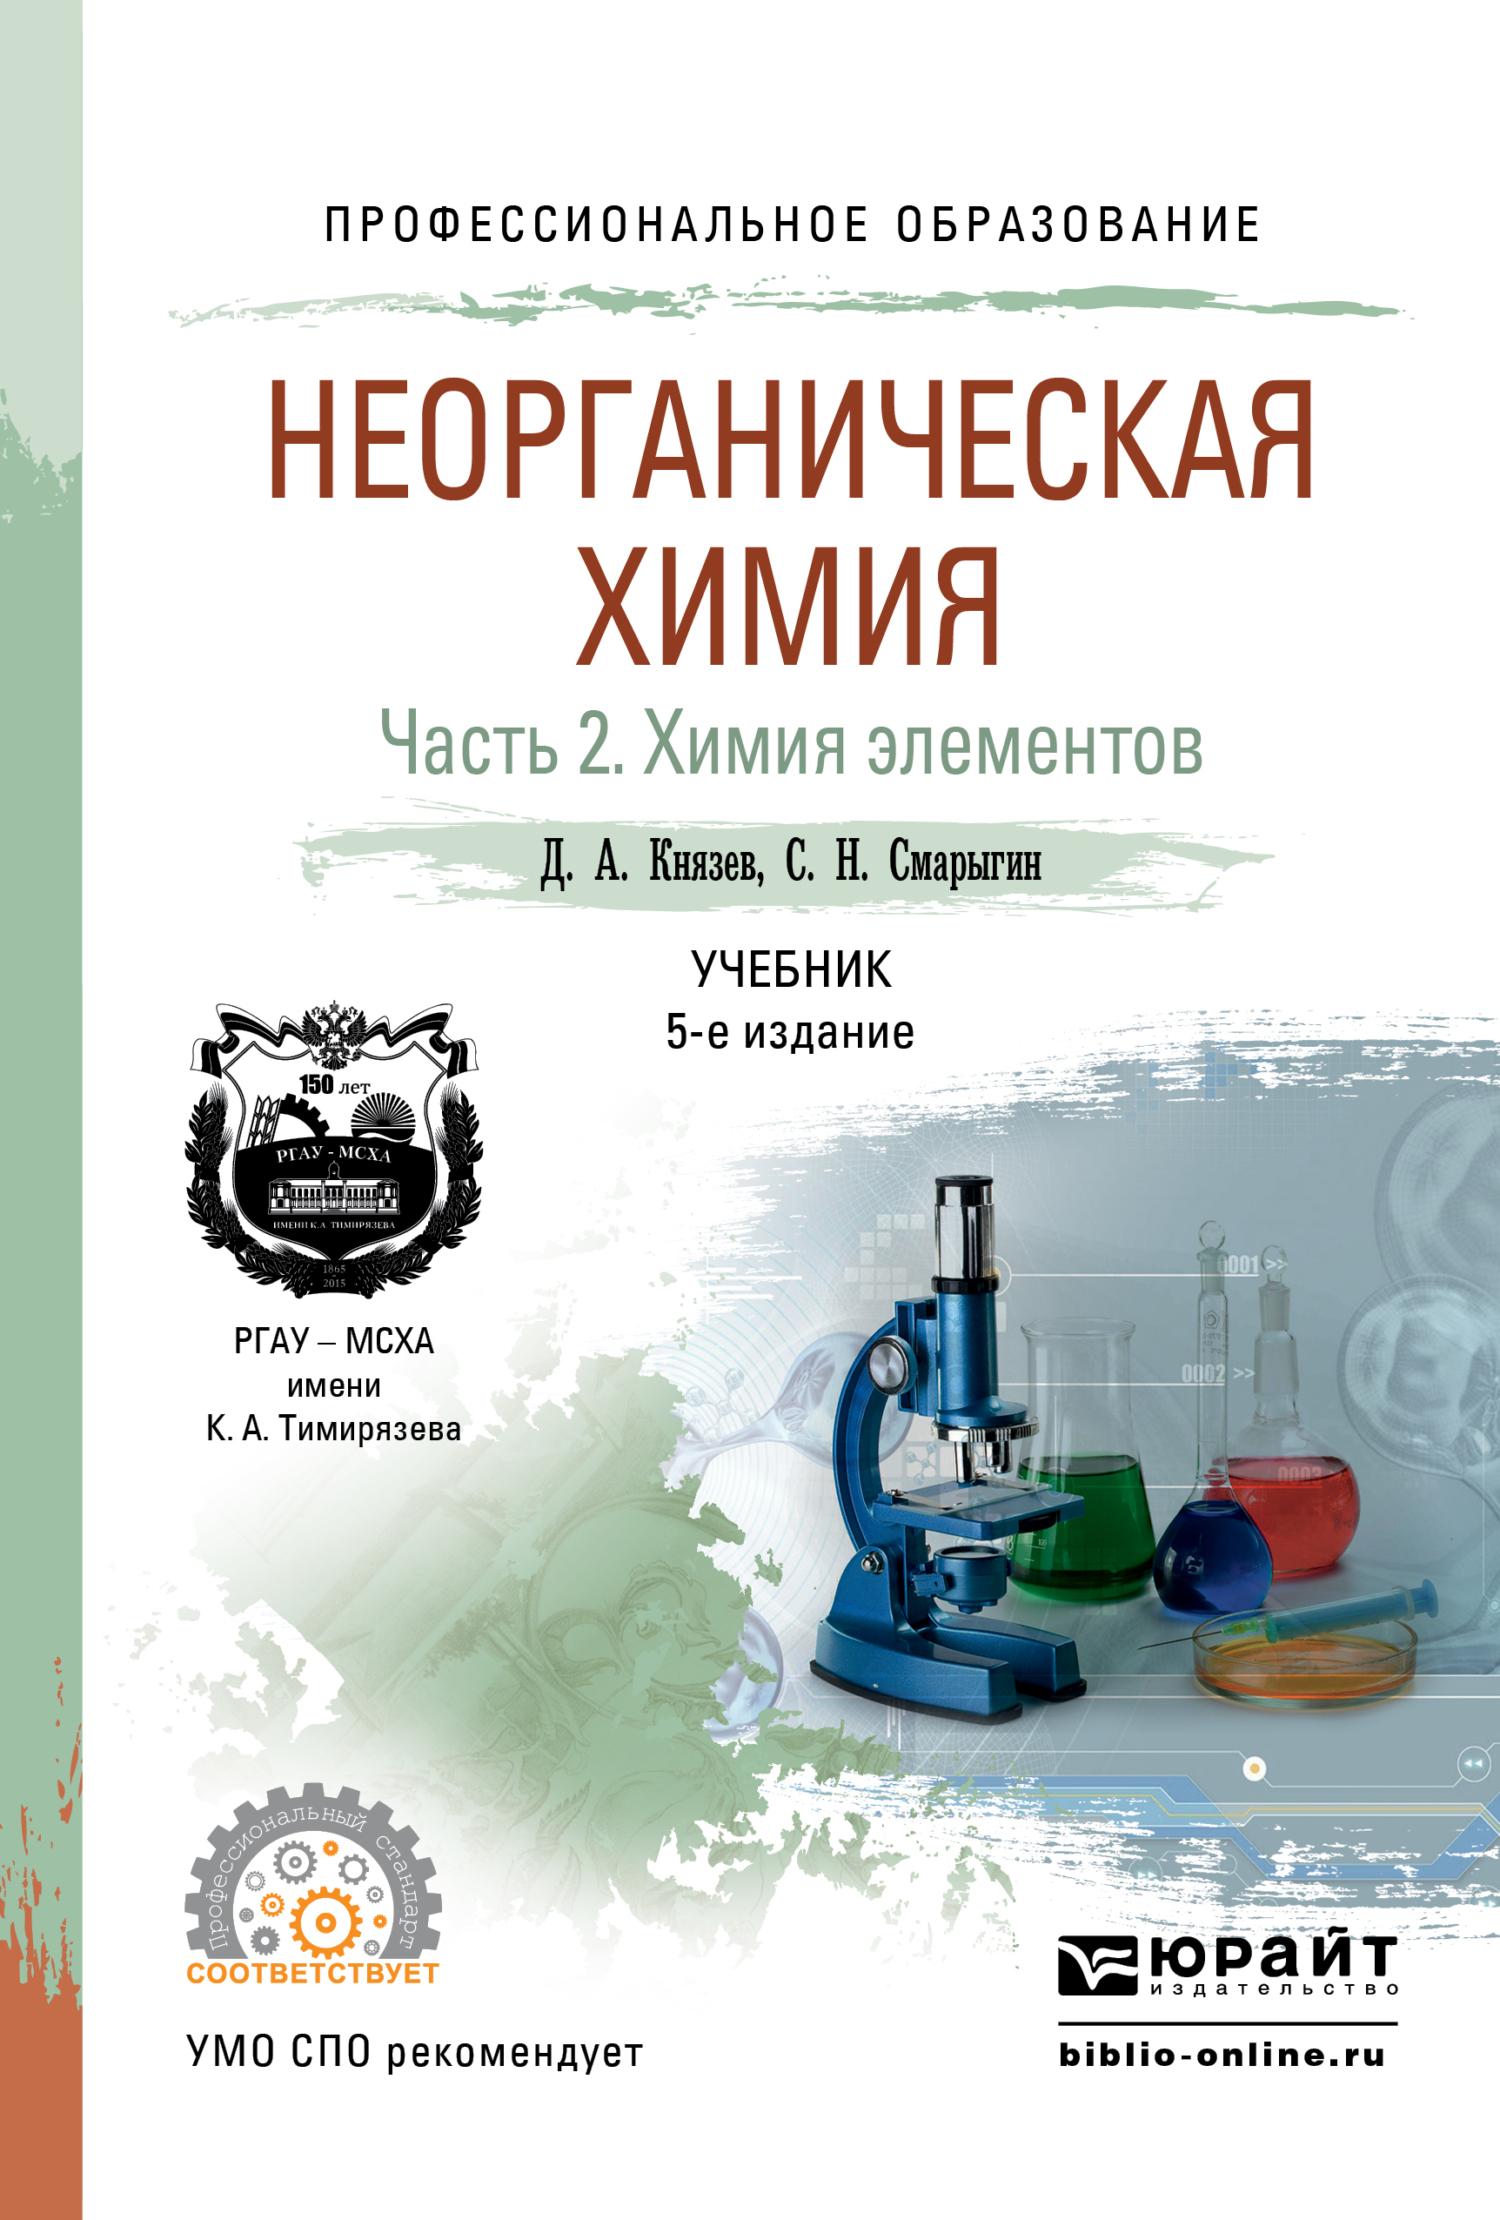 Неорганическая химия в 2 ч. Часть 2. Химия элементов 5-е изд., пер. и доп. Учебник для СПО